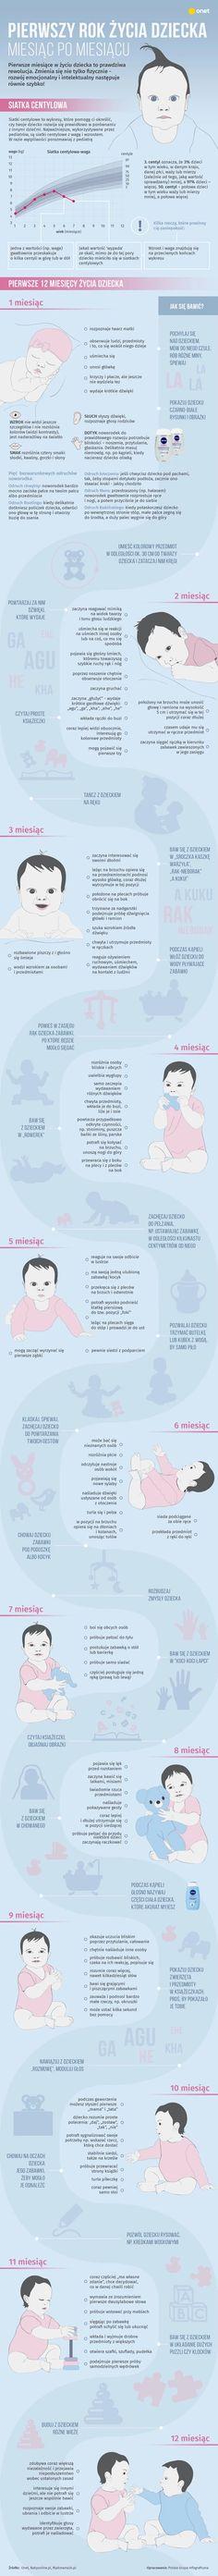 Pierwszy rok życia dziecka miesiąc po miesiącu [INFOGRAFIKA] - Dziecko Newborn Room, Newborn Care, Cute Kids Photos, Montessori Baby, Baby Boom, Tabu, Kids Logo, Wedding With Kids, Baby Needs